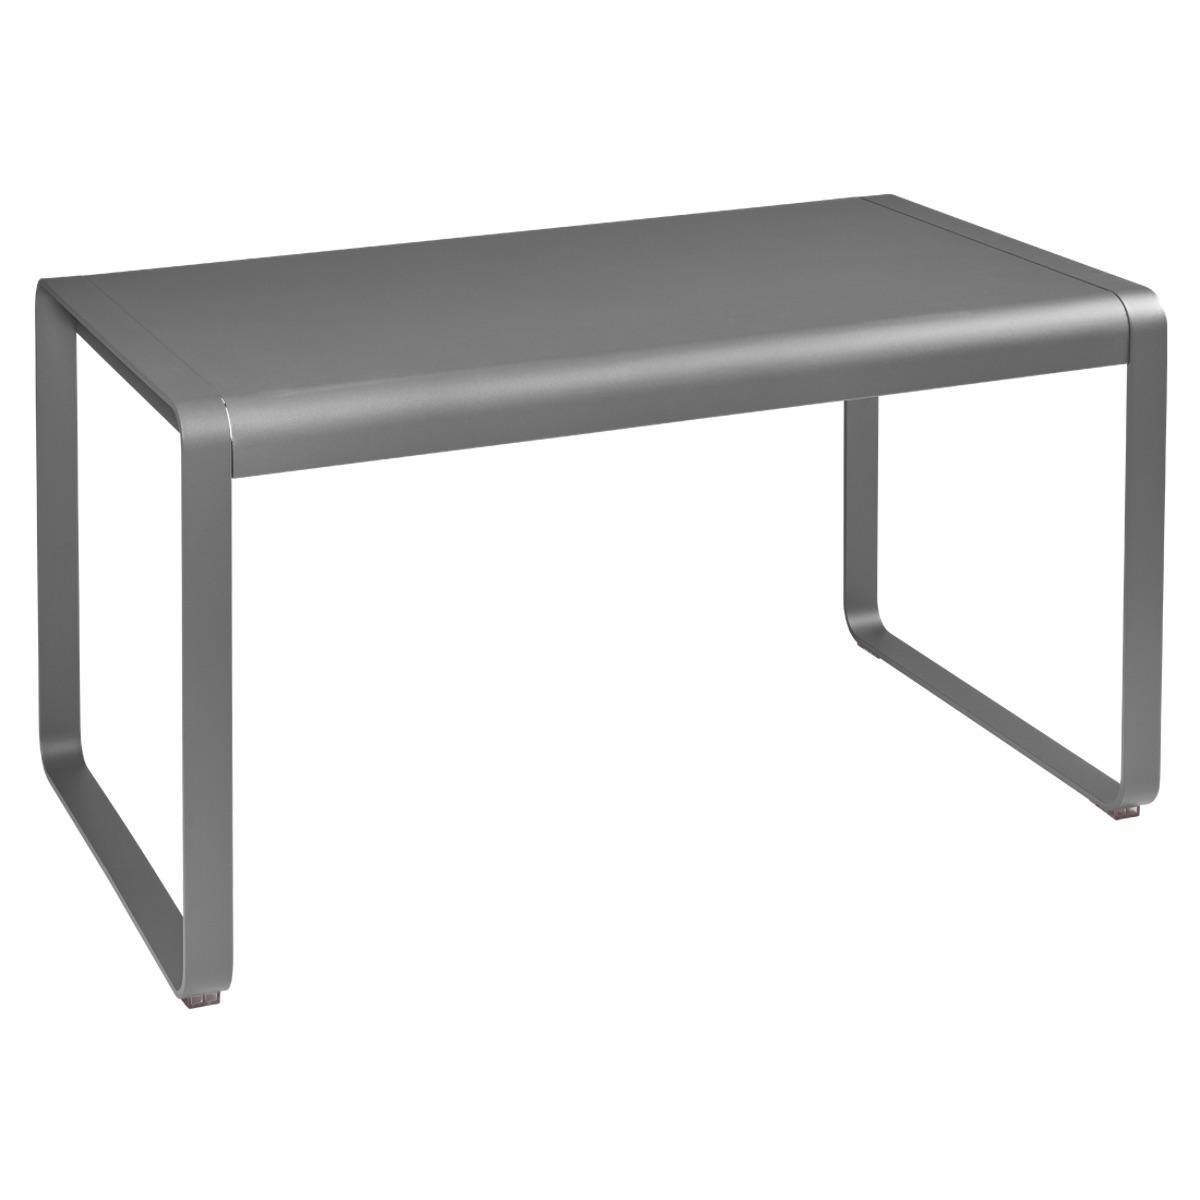 Table de jardin 80x140cm BELLEVIE Fermob gris métal